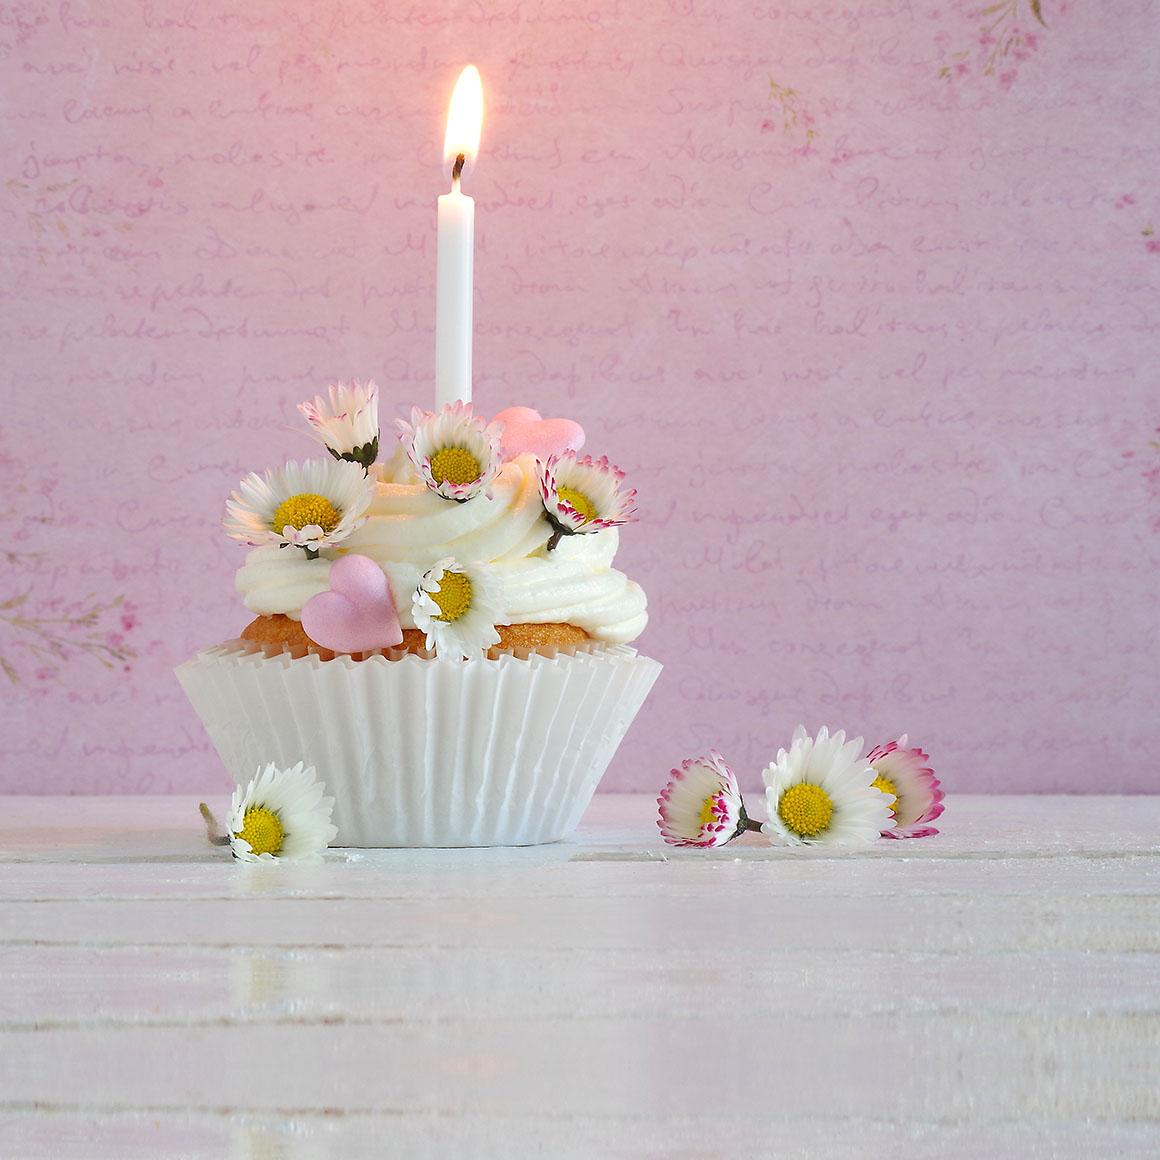 Eine Velight Kerze als Geburtstagsgeschenk